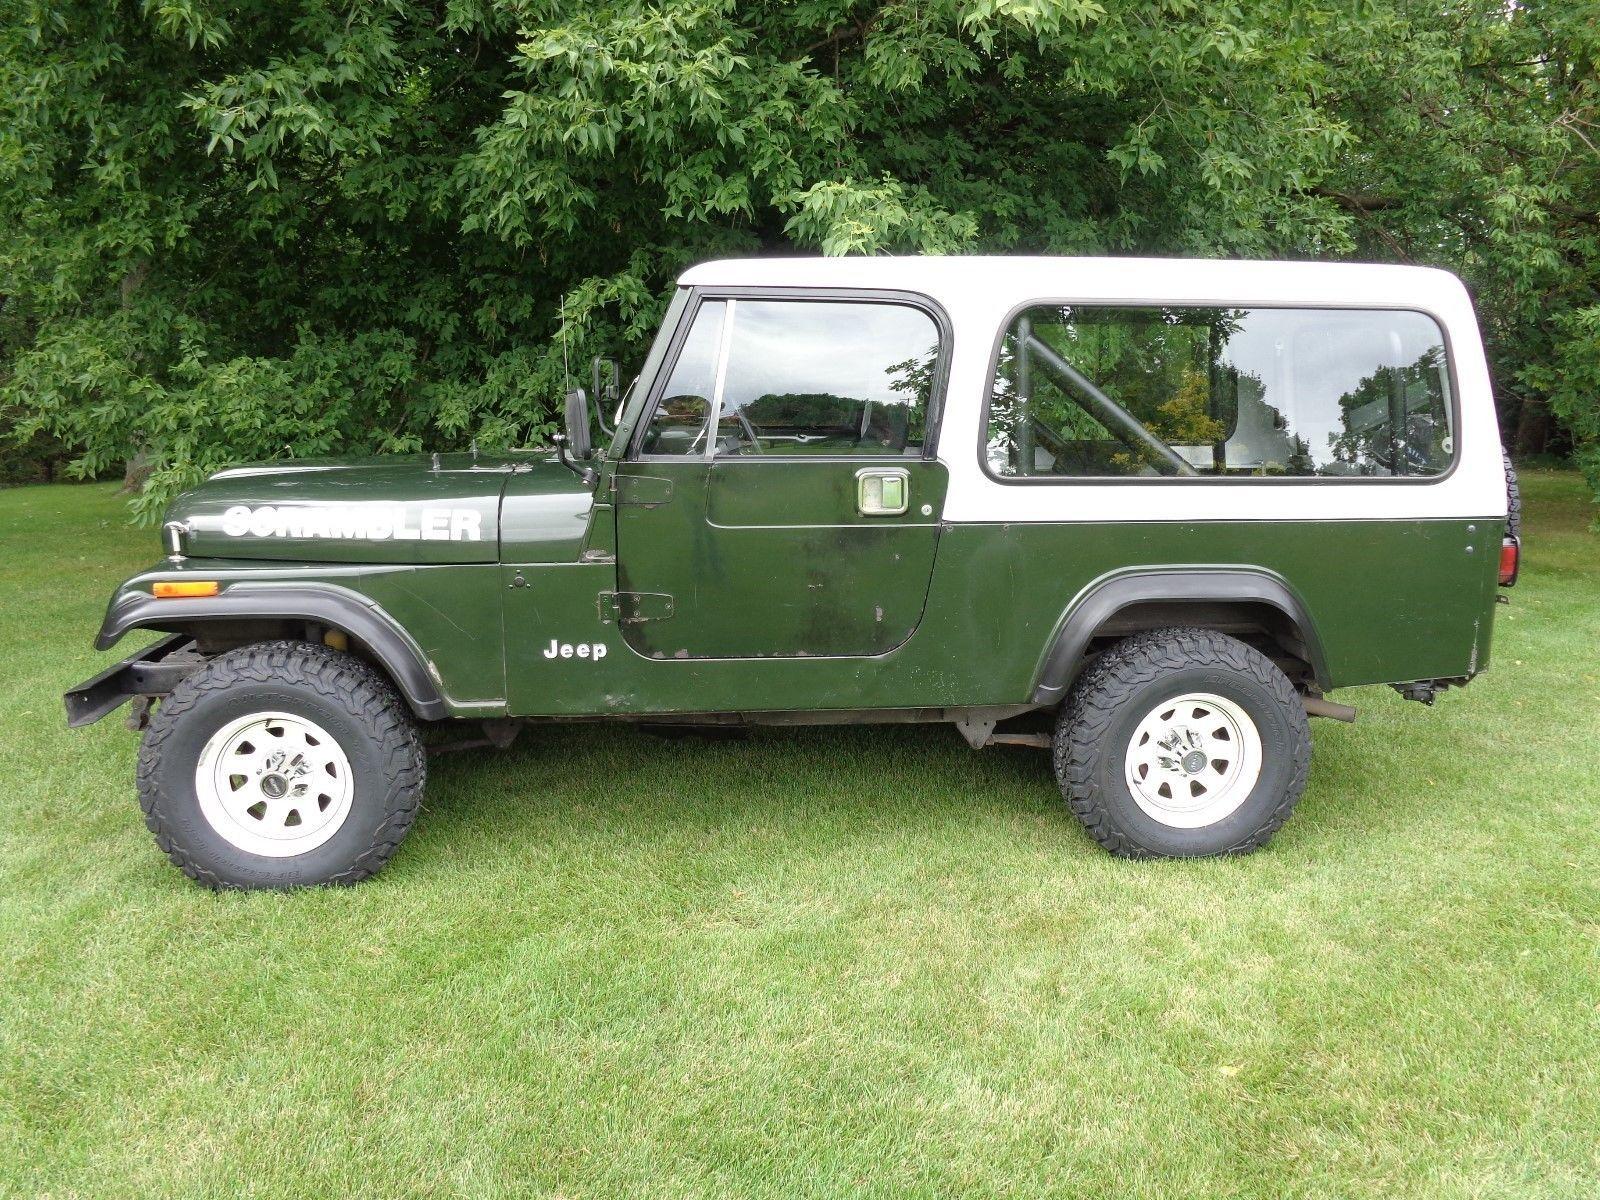 eBay: 1982 Jeep CJ 1982 JEEP SCRAMBLER CJ-8 SURVIVOR